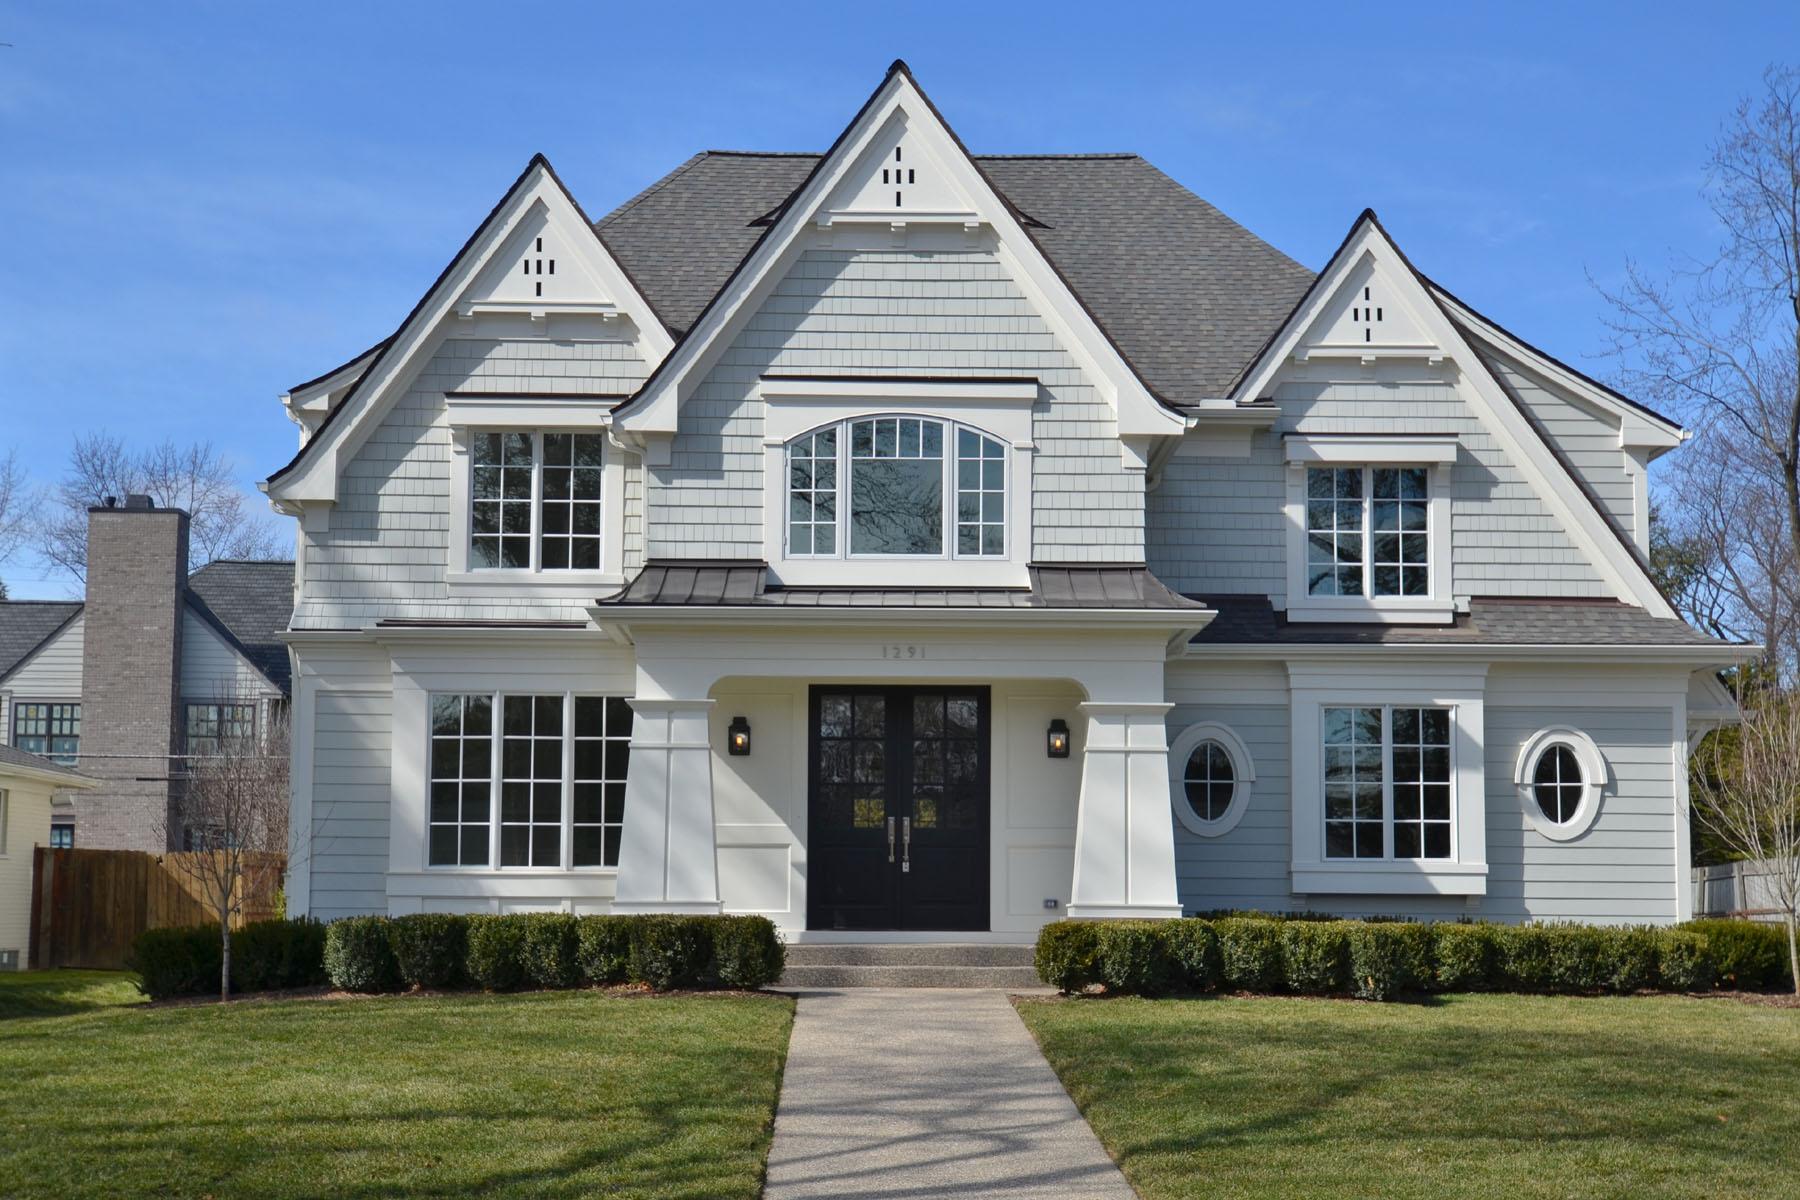 Maison unifamiliale pour l Vente à Birmingham 1291 Suffield Avenue Birmingham, Michigan, 48009 États-Unis